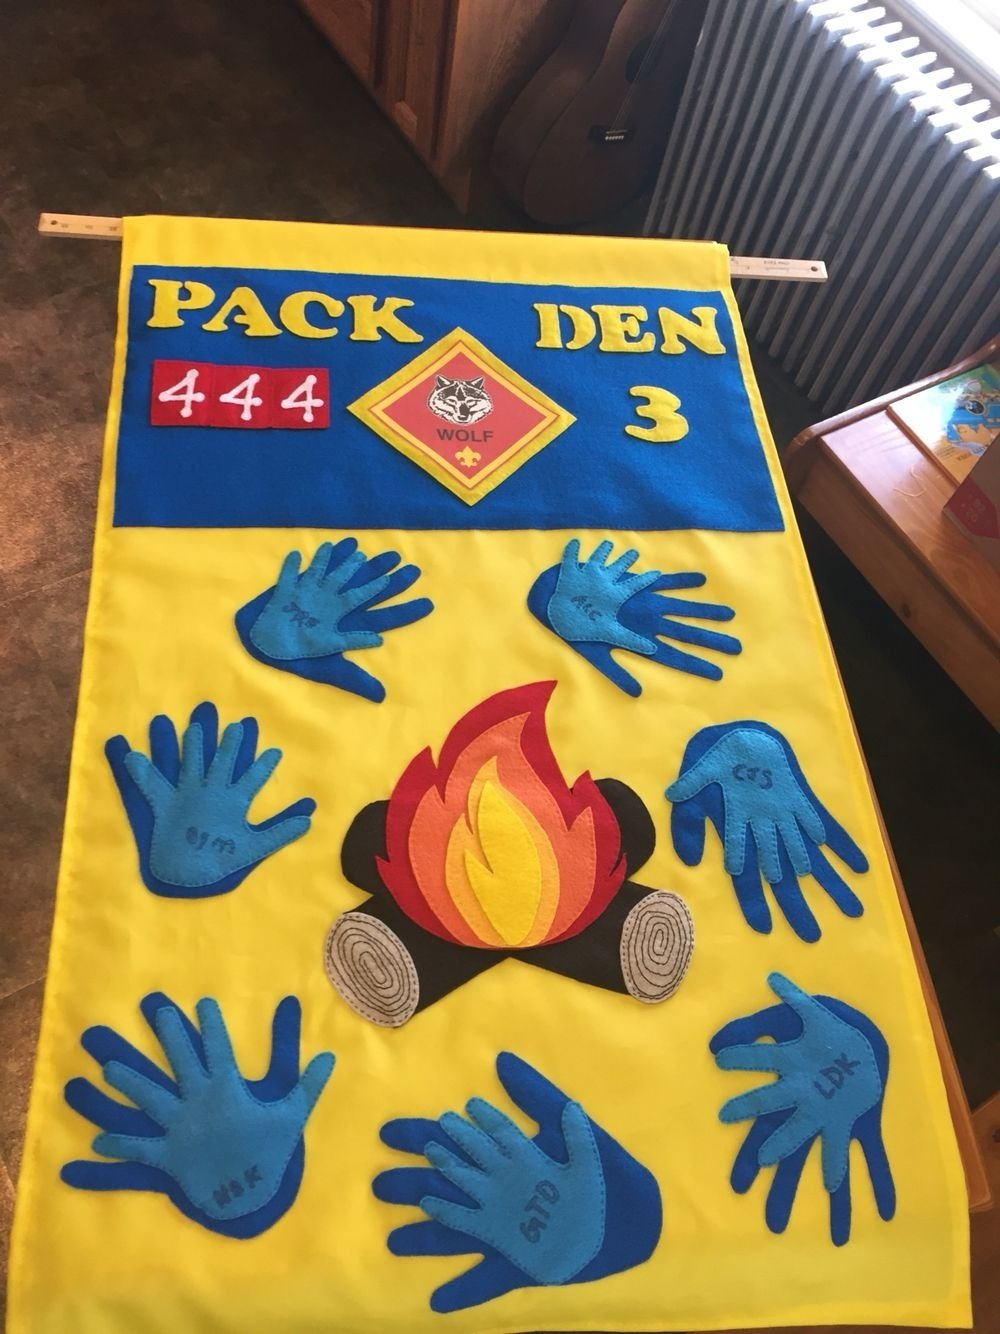 10 Pretty Cub Scout Den Flag Ideas cub scout wolf den flag parent hands under boy hand the boys 2020